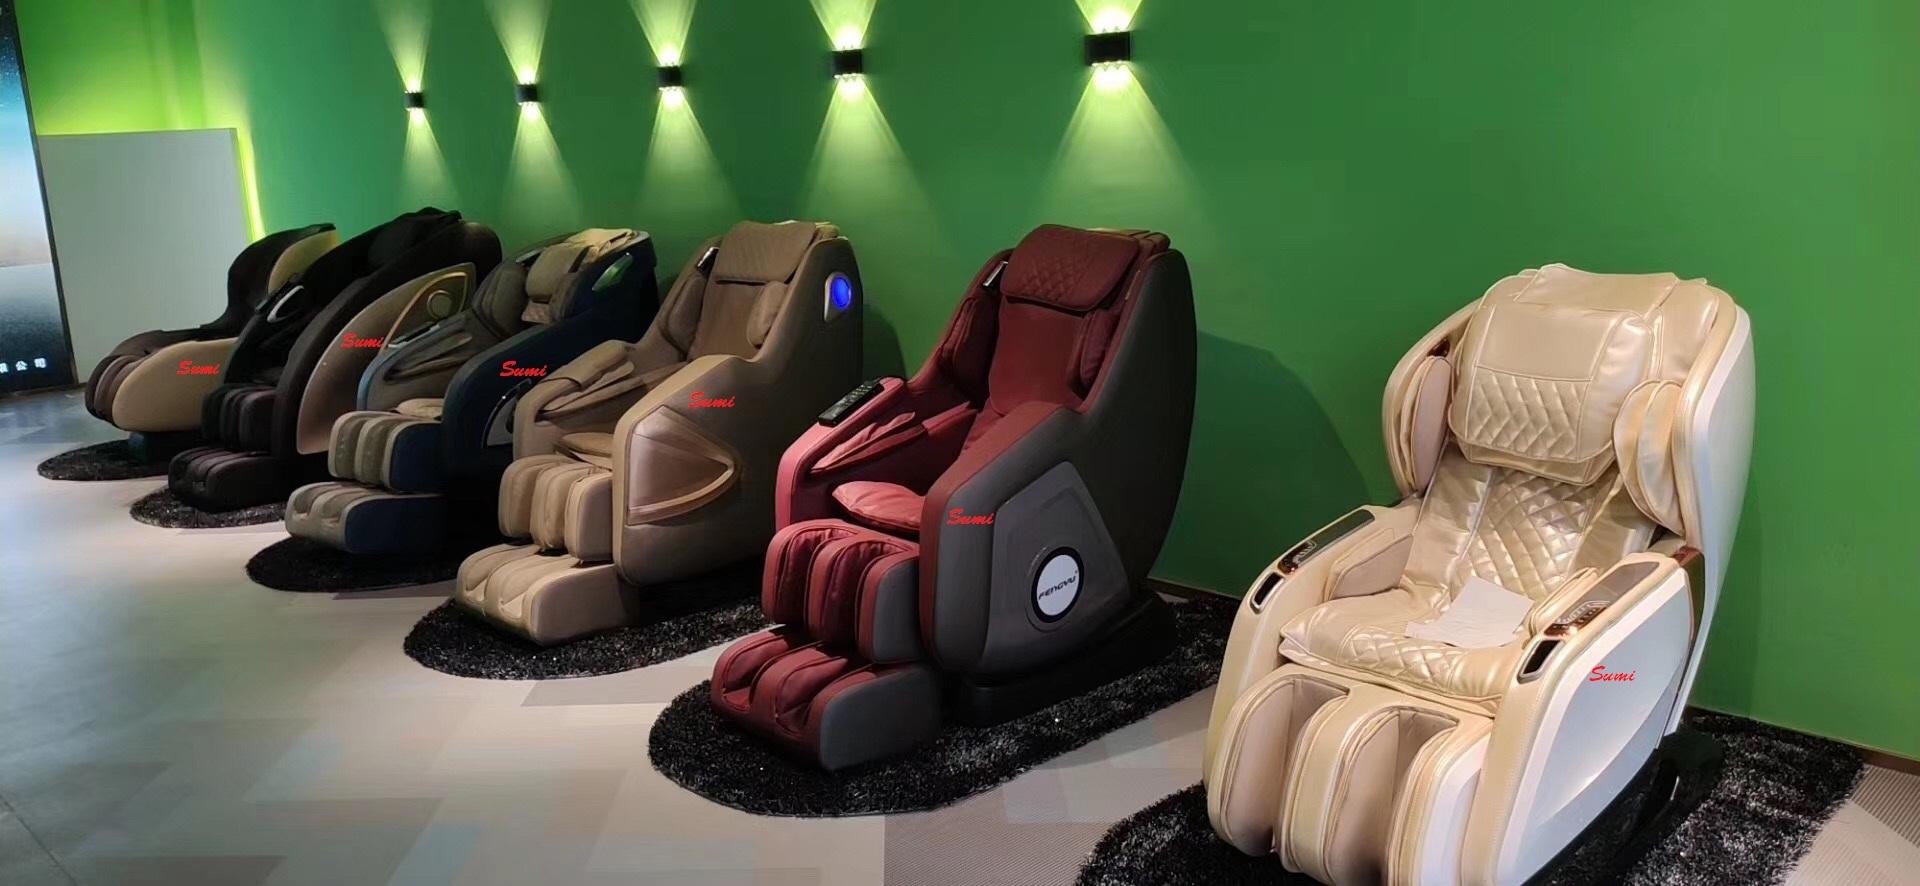 Sumi massager chair Thương hiệu nhập khẩu, giá rẻ nhất